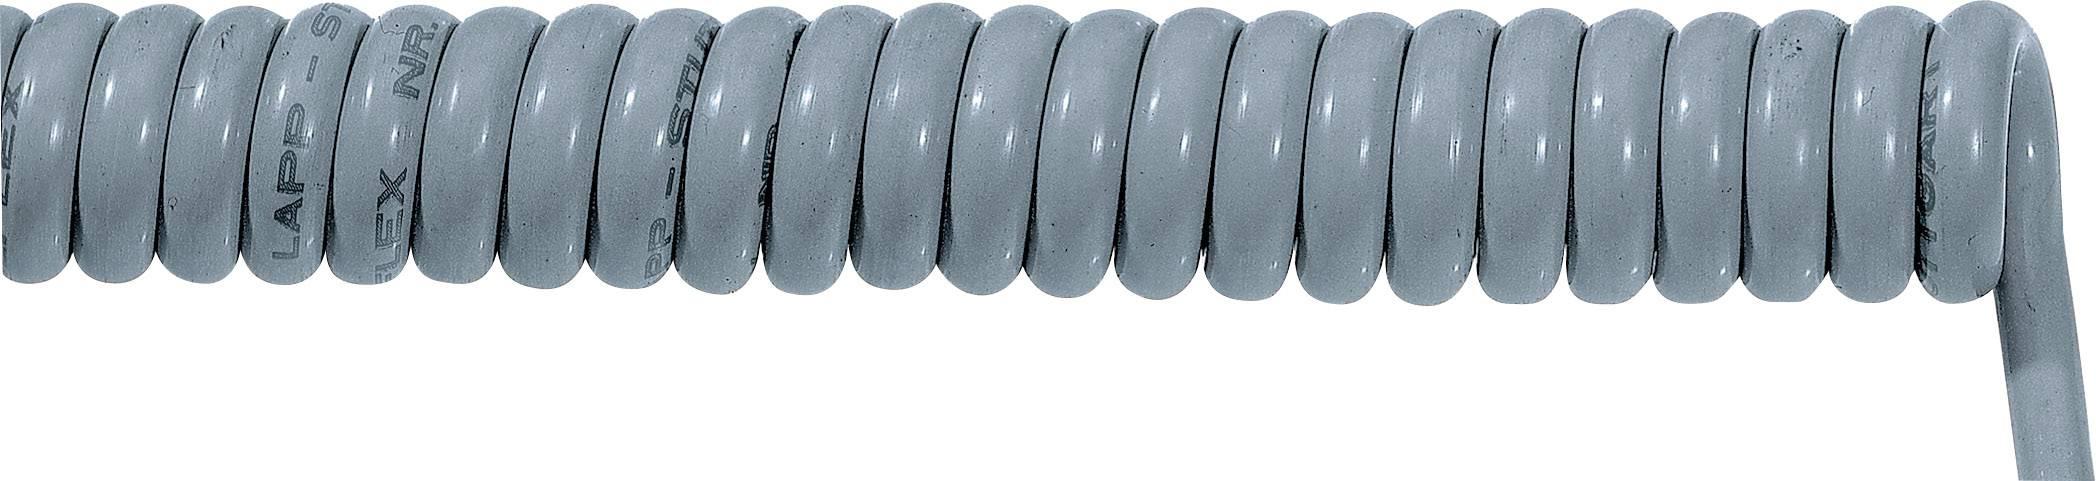 Špirálový kábel 70002684 ÖLFLEX® SPIRAL 400 P 2 x 1.50 mm², 2000 mm / 6000 mm, sivá